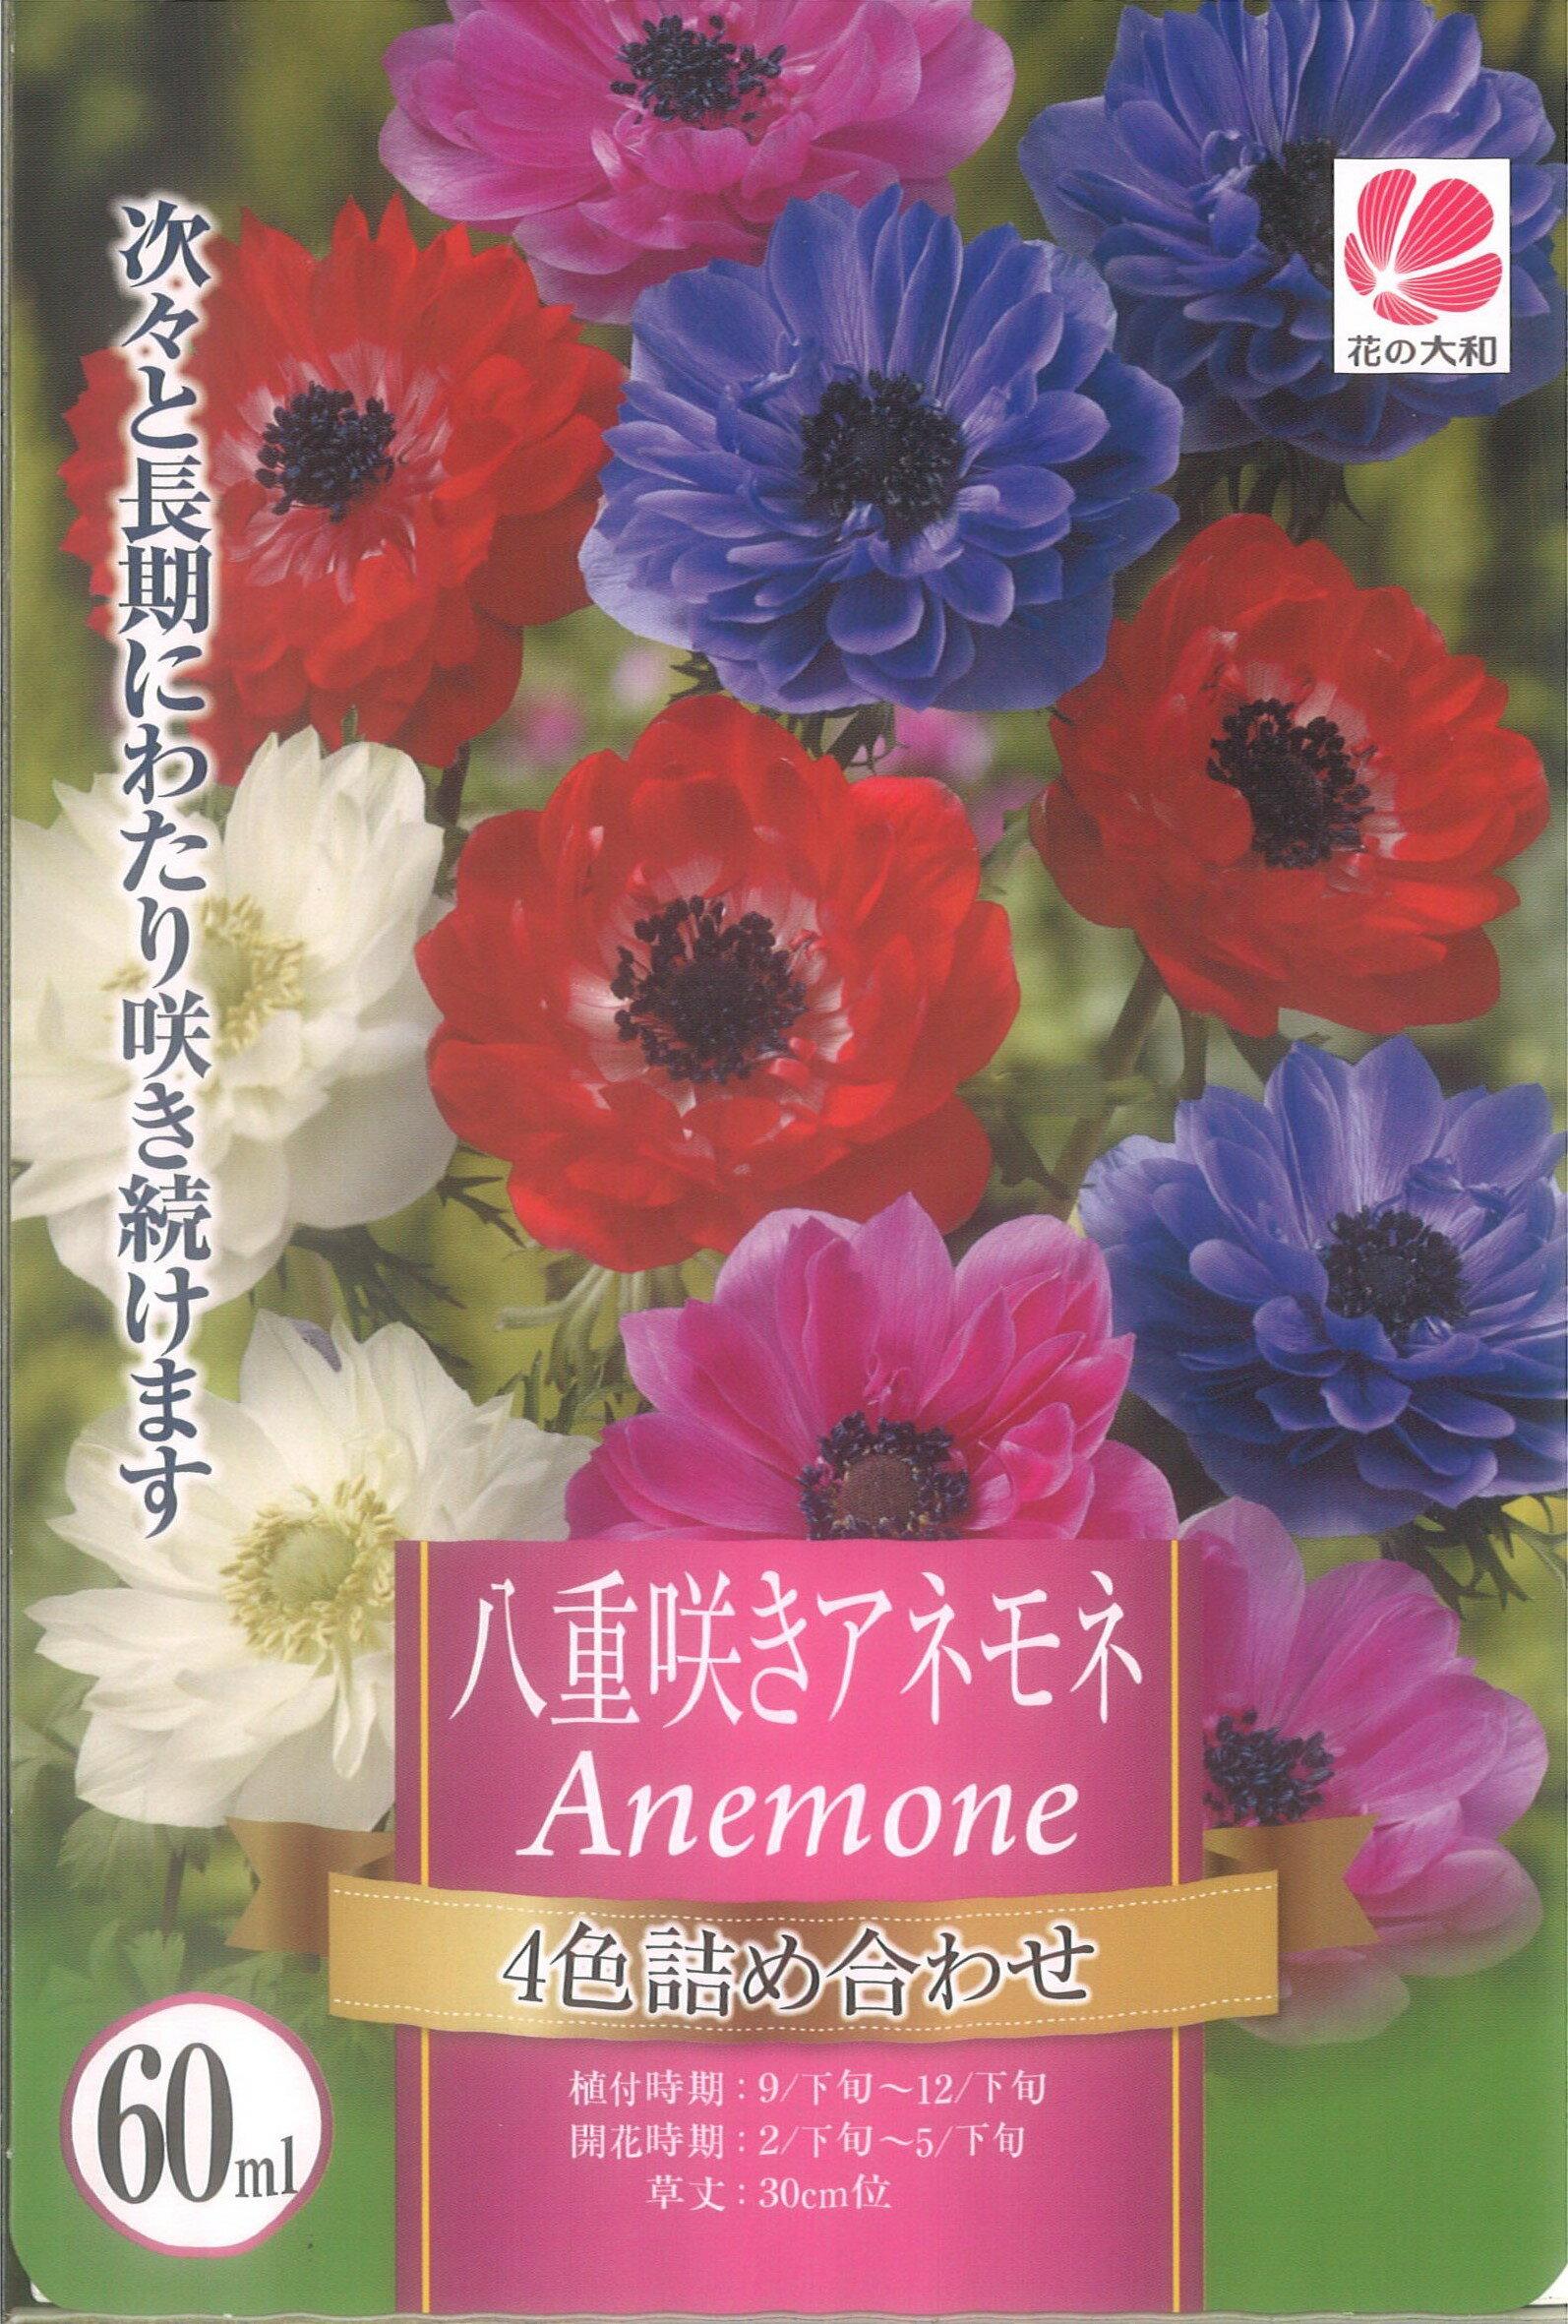 □ 八重咲きアネモネ4色詰め合わせ 60ml